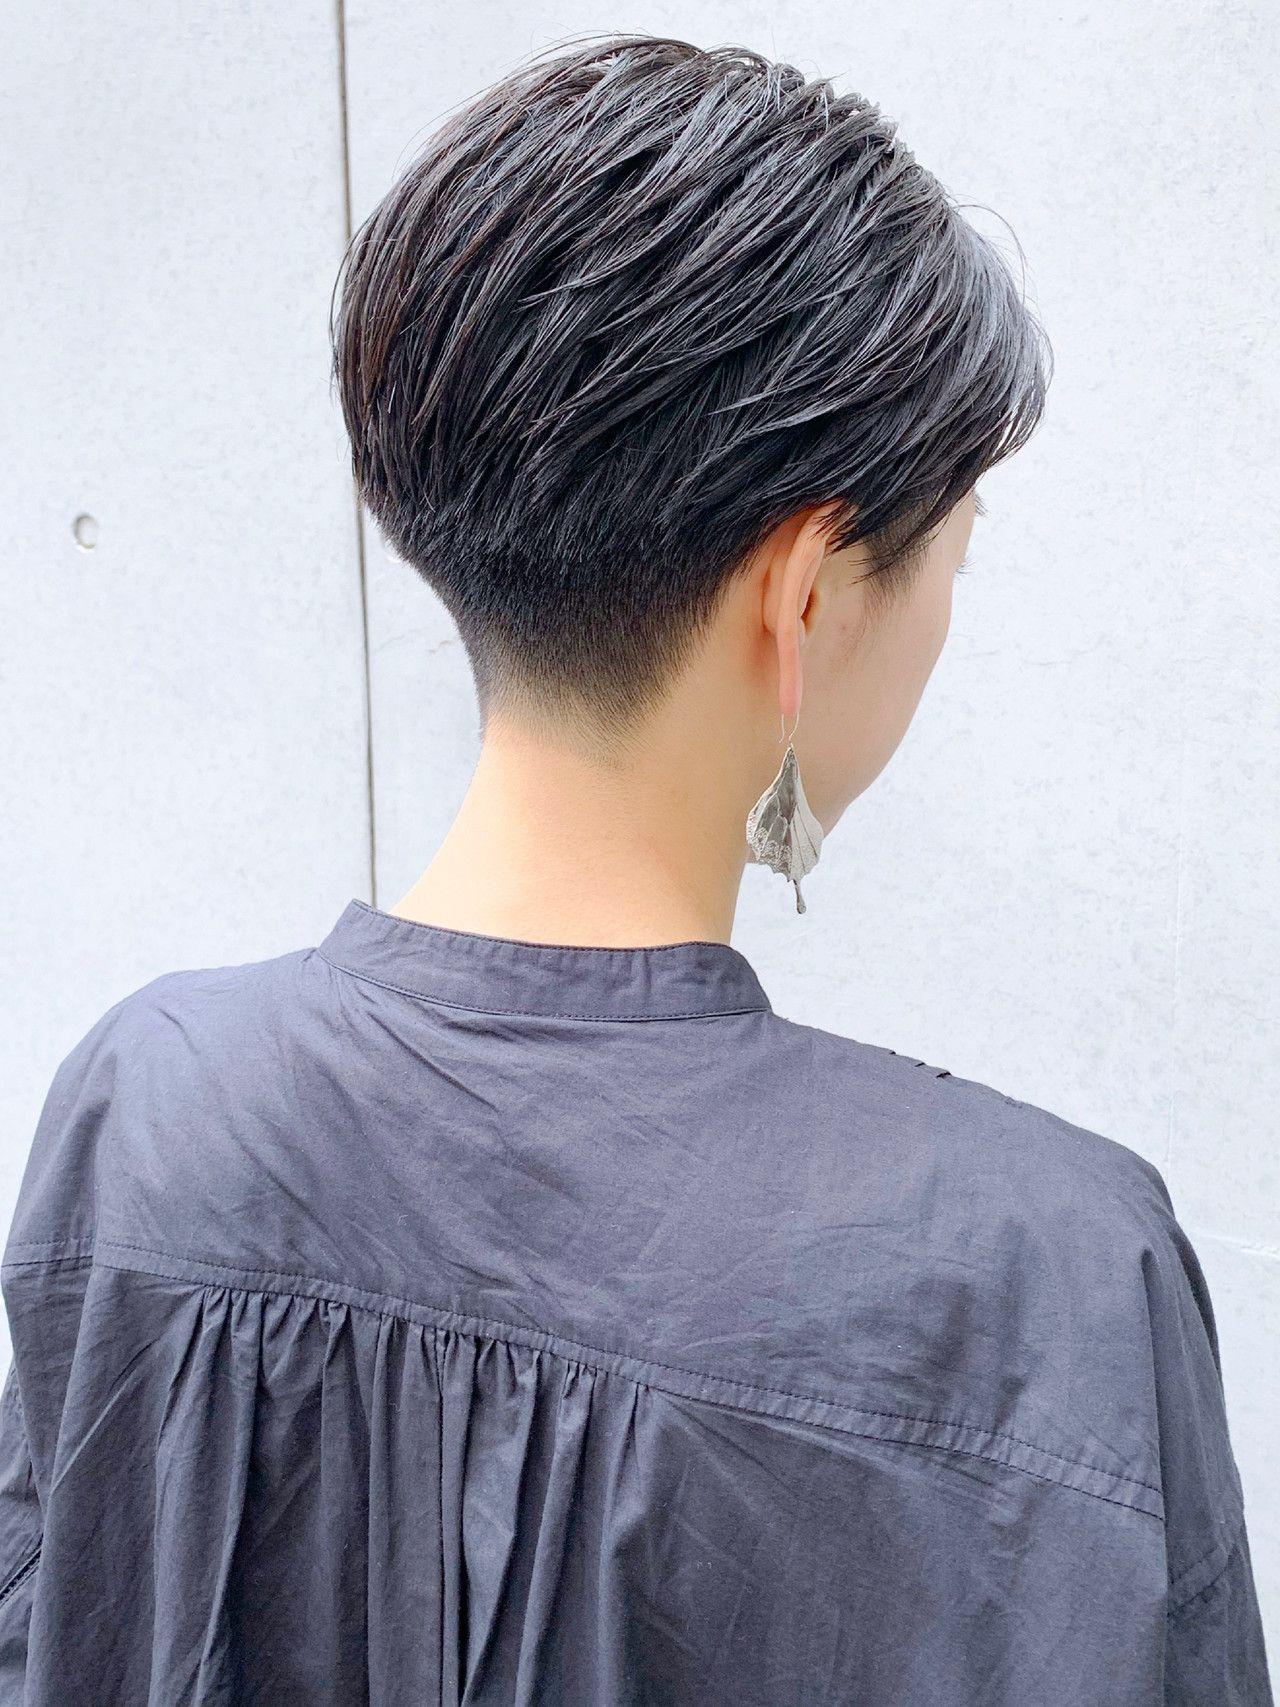 ショート 刈り上げ女子 刈り上げショート 刈り上げ Morio From London Narimasu3 米村ススム 505340 Hair 美髪 ヘアスタイル ショートのヘアスタイル